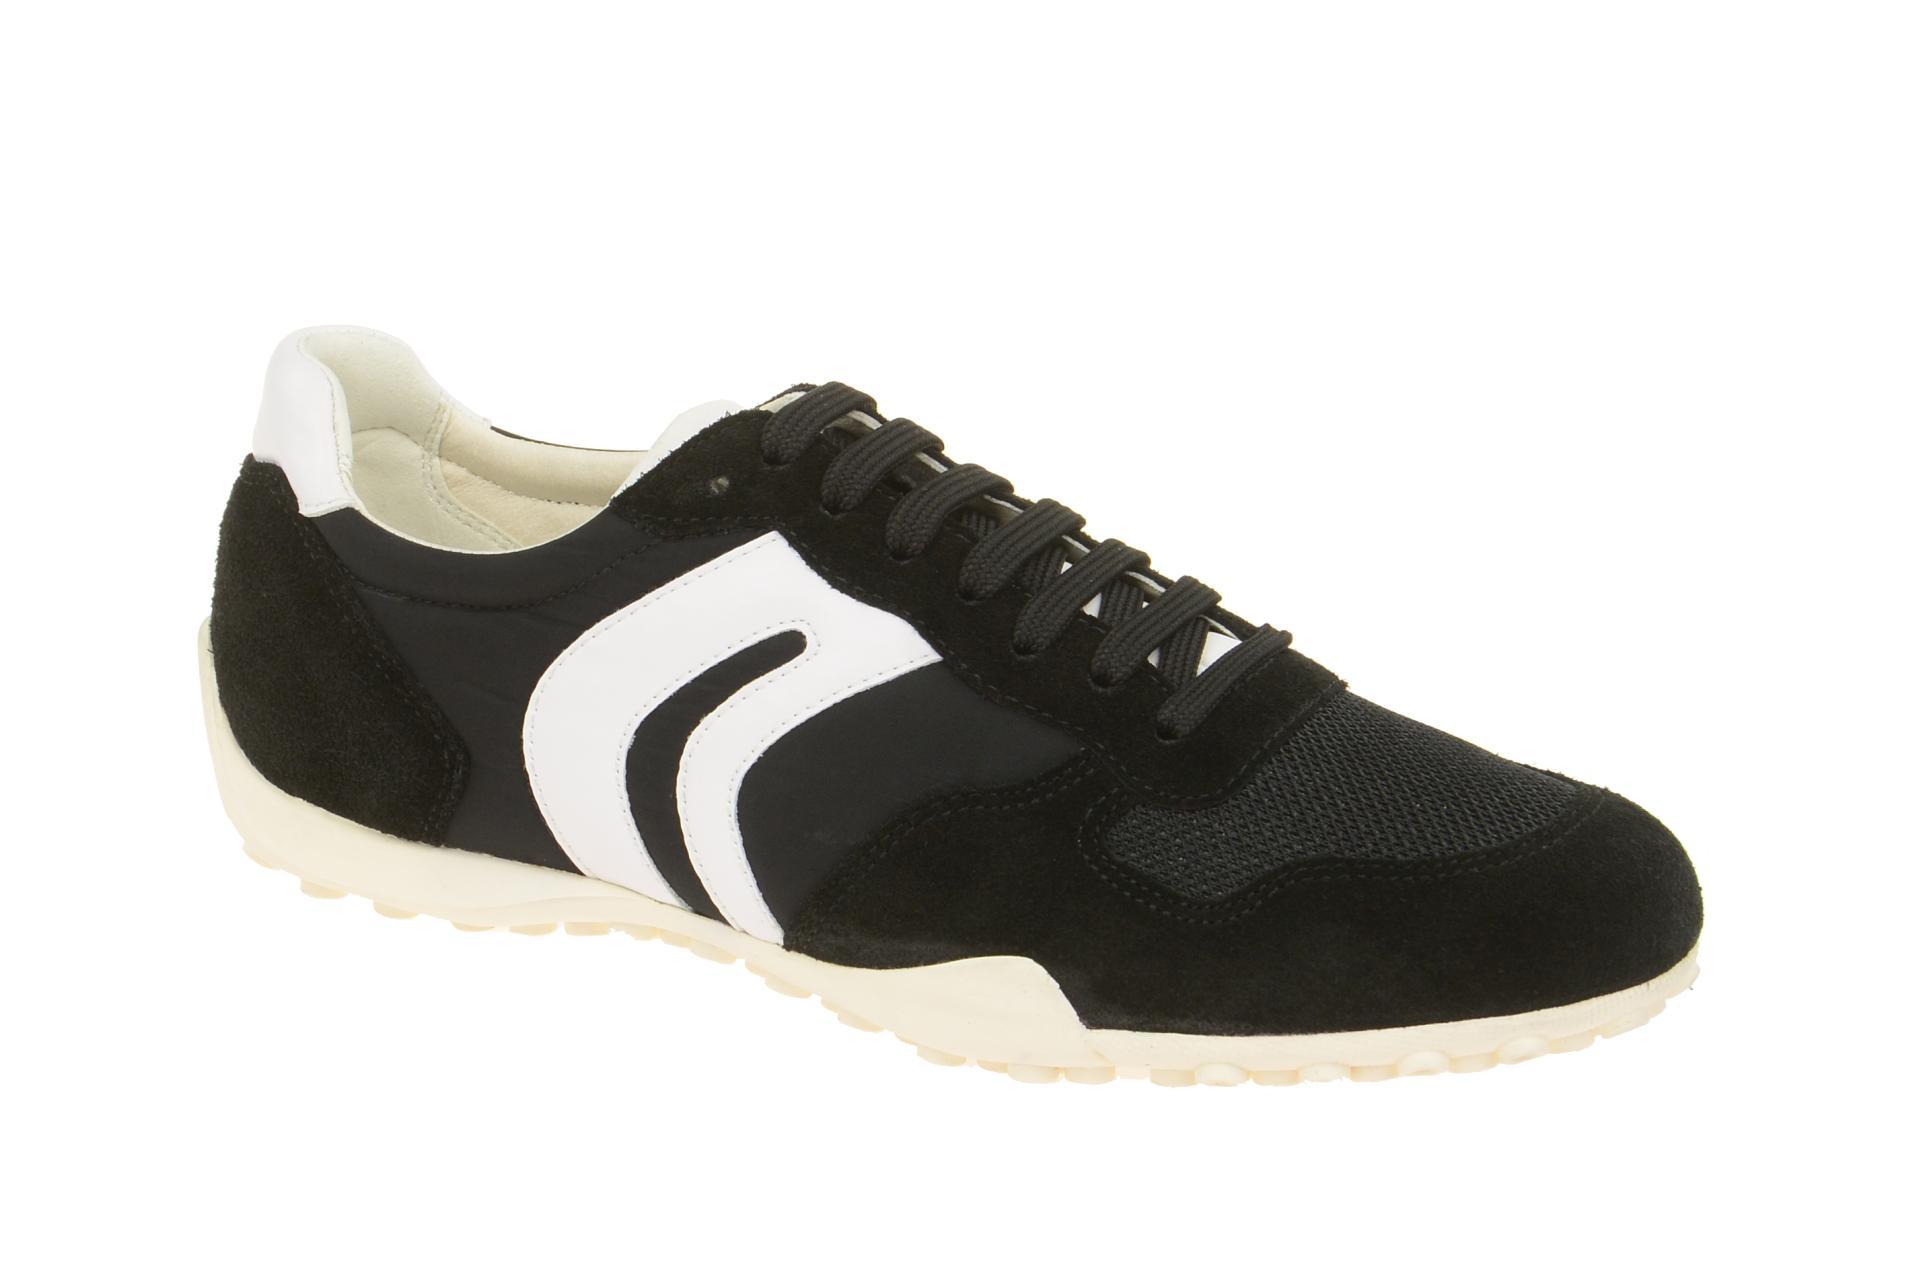 info for 56333 bfeac Geox Schuhe Snake schwaz Damen Sneaker